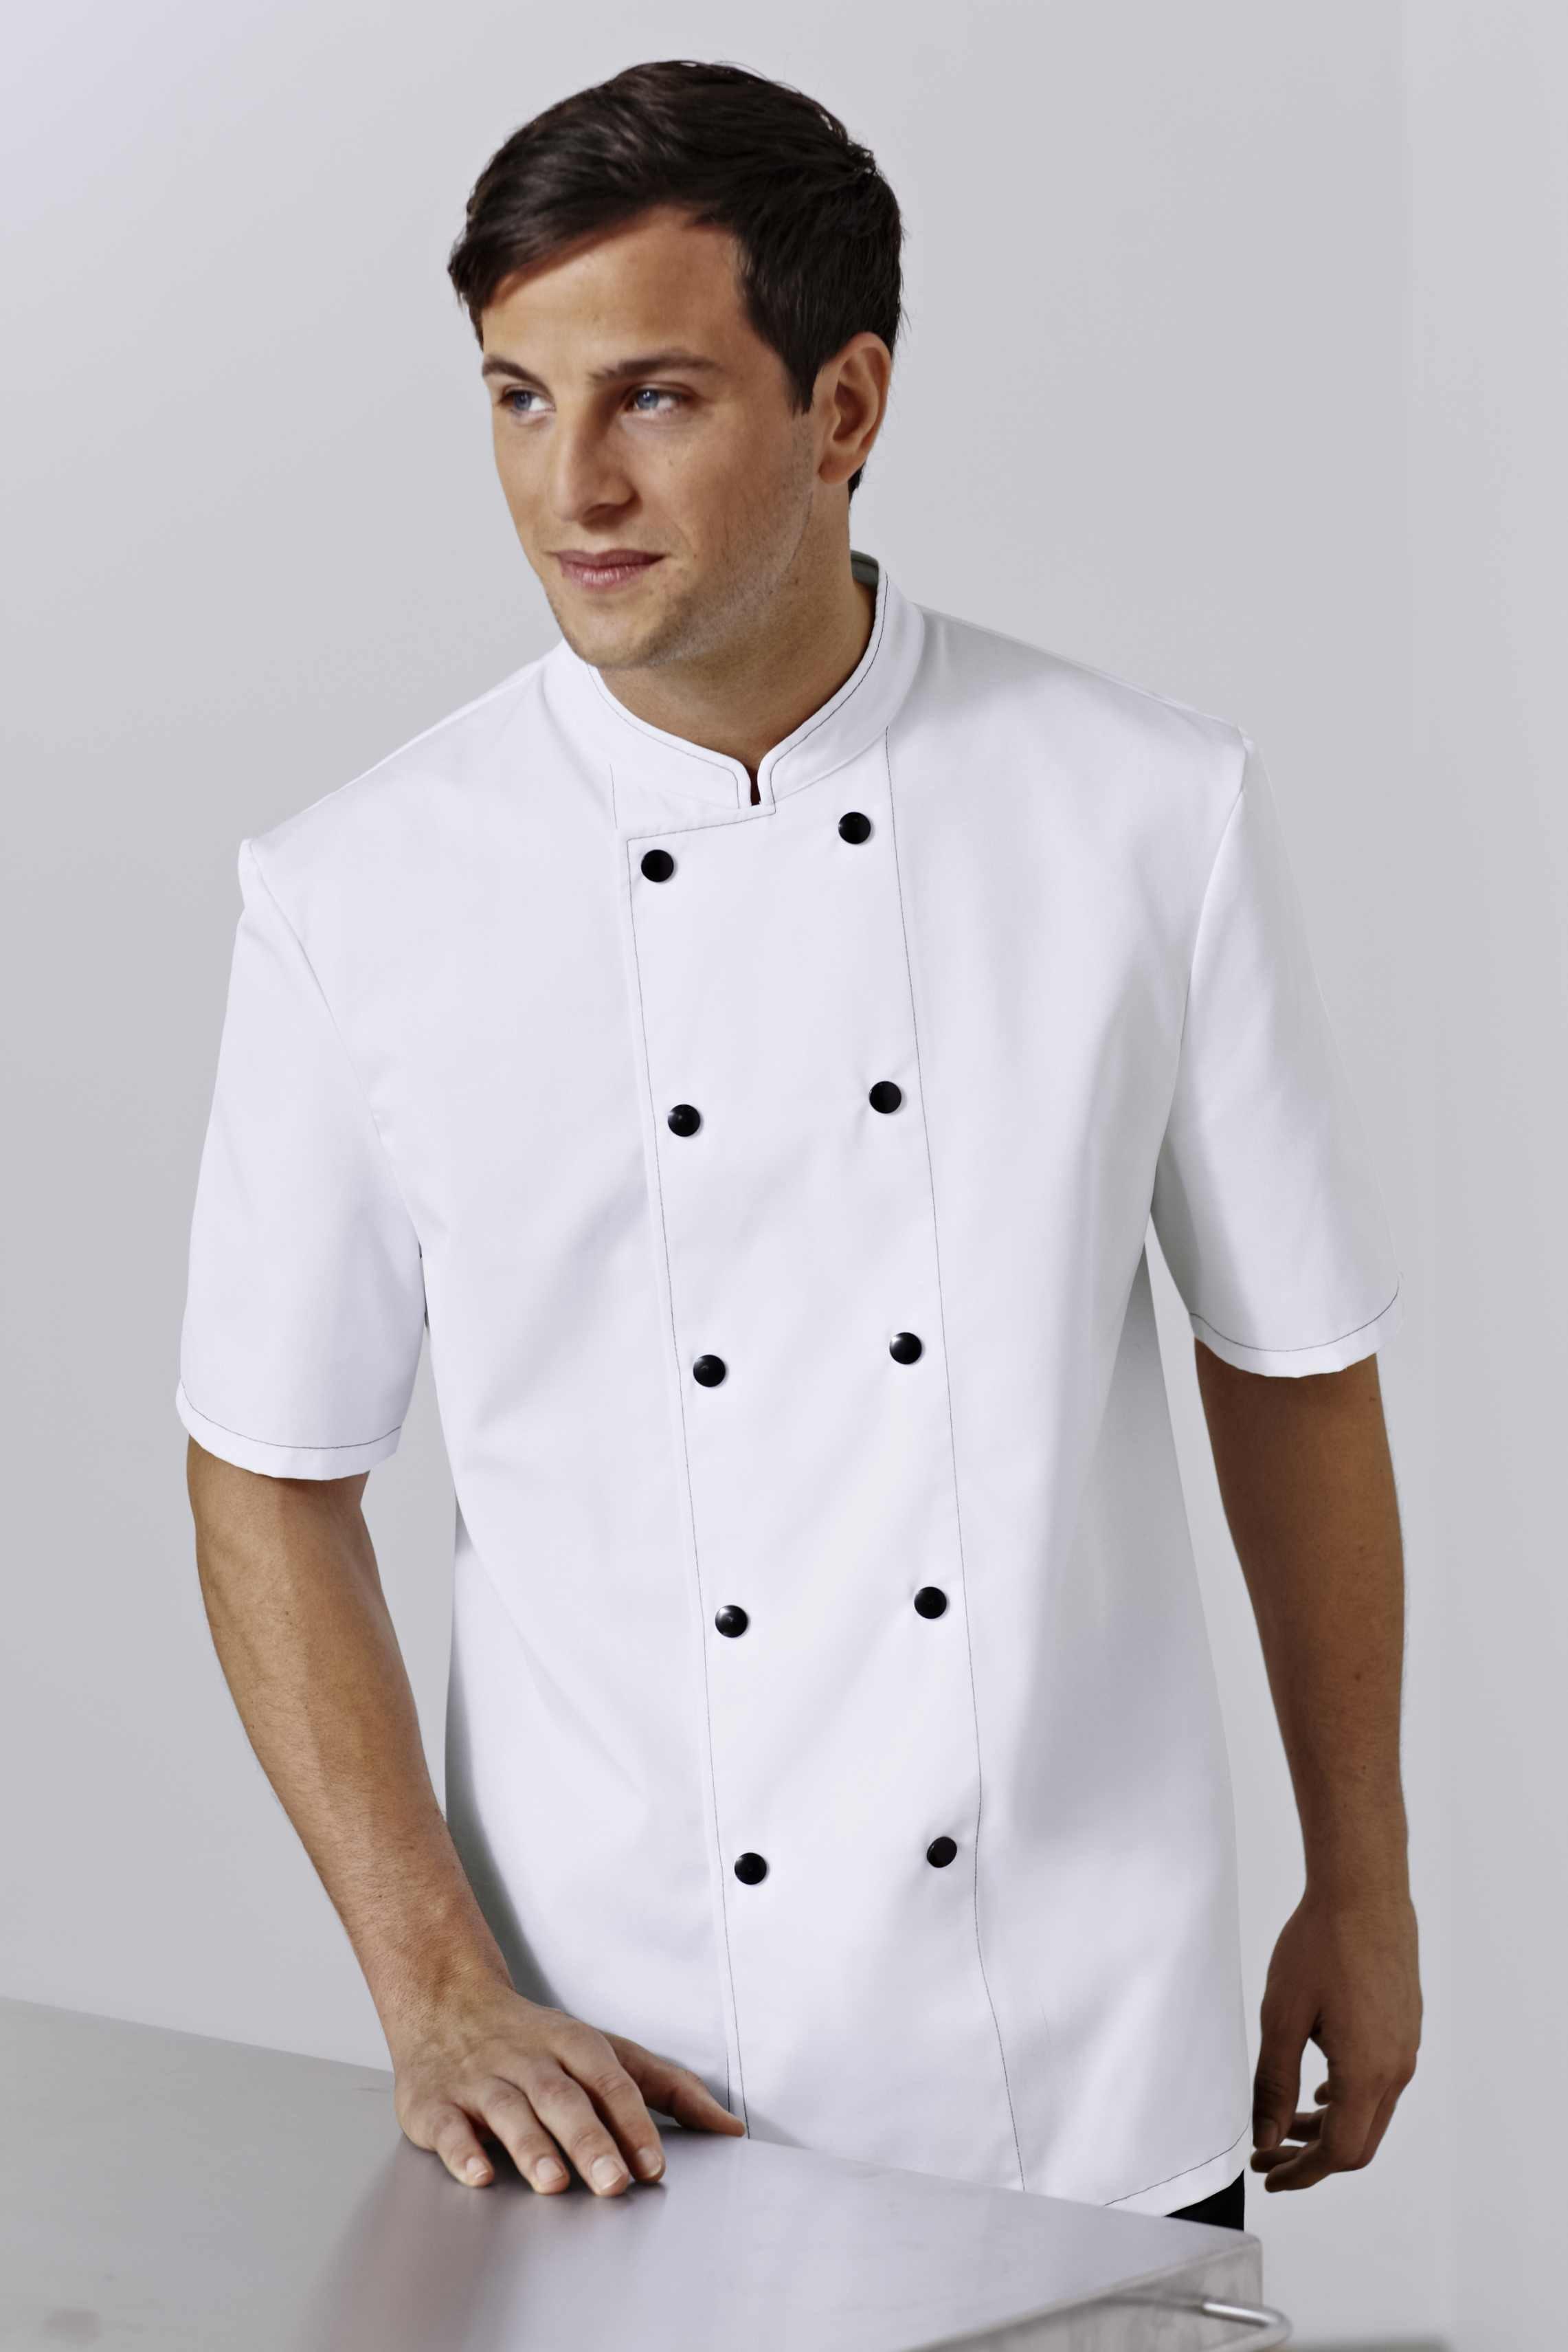 Veste de cuisine grise boutons noirs ego chef albert for Veste de cuisine bragard